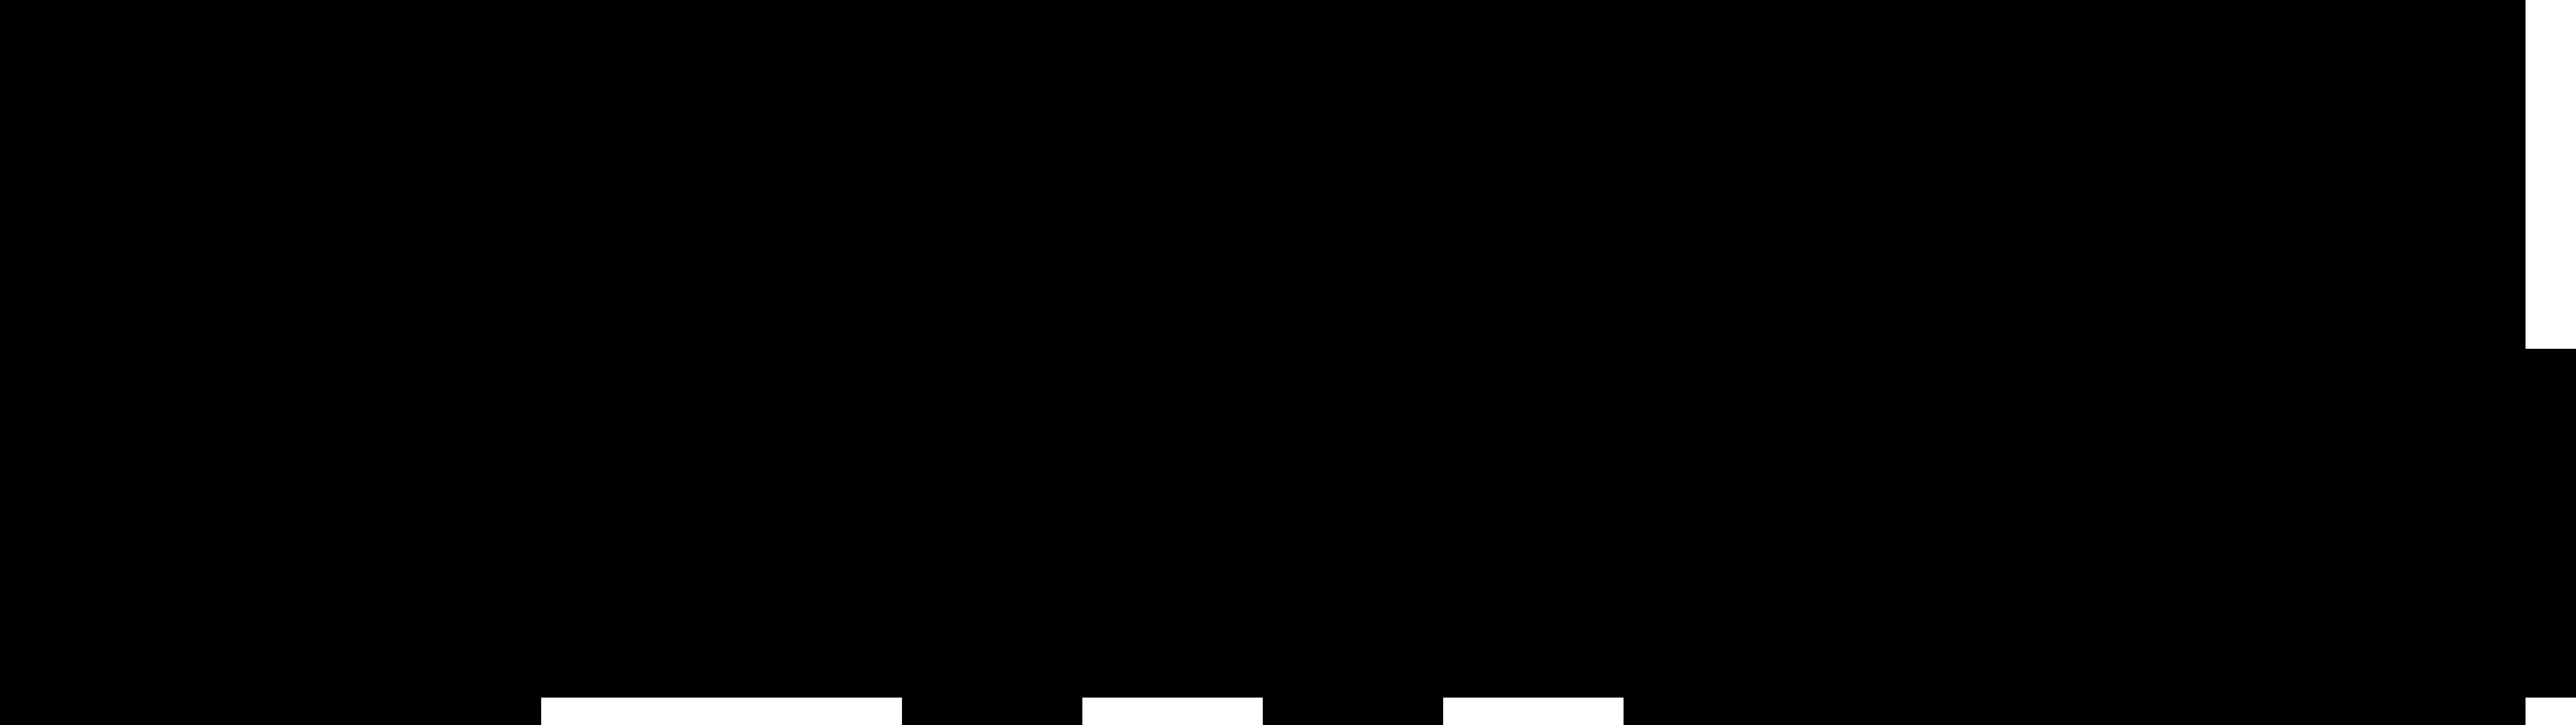 メニューロゴ黒